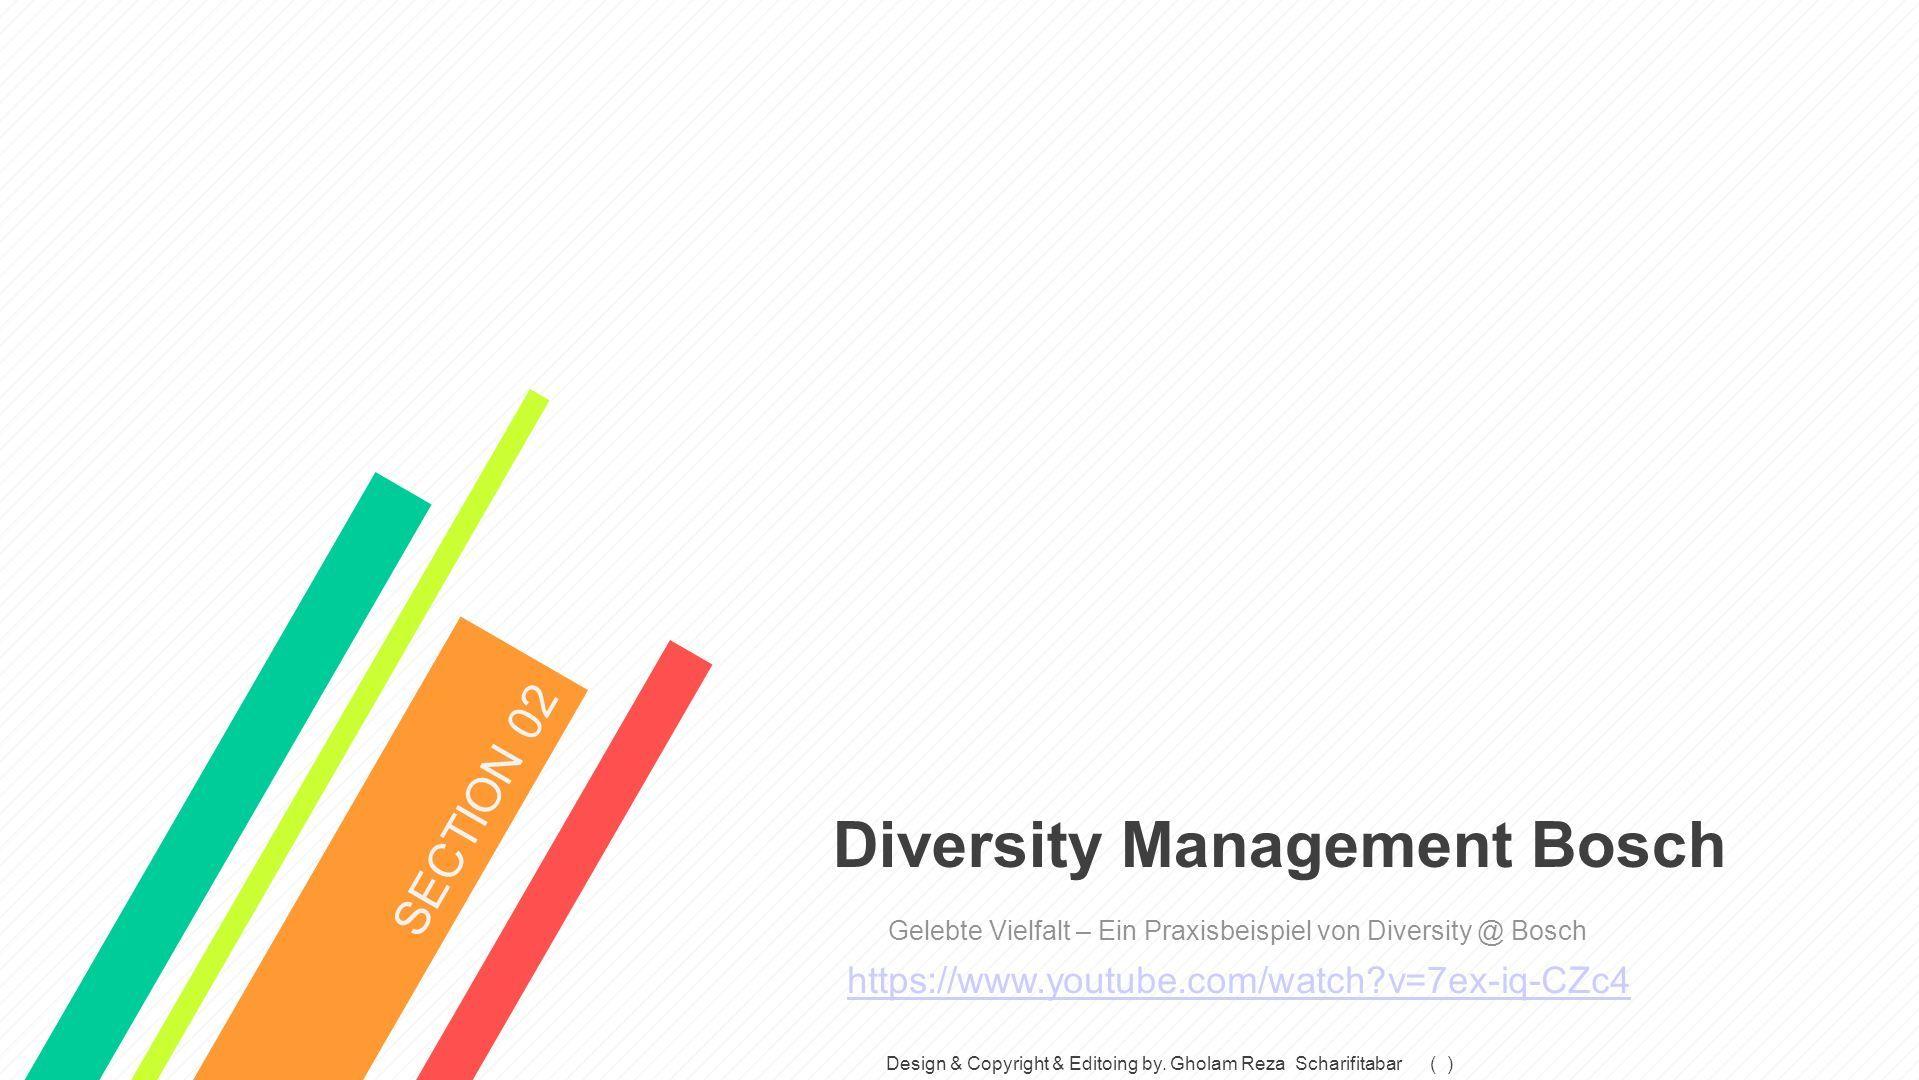 Diversity Management Bosch Gelebte Vielfalt – Ein Praxisbeispiel von Diversity @ Bosch https://www.youtube.com/watch v=7ex-iq-CZc4 SECTION 02 Design & Copyright & Editoing by.